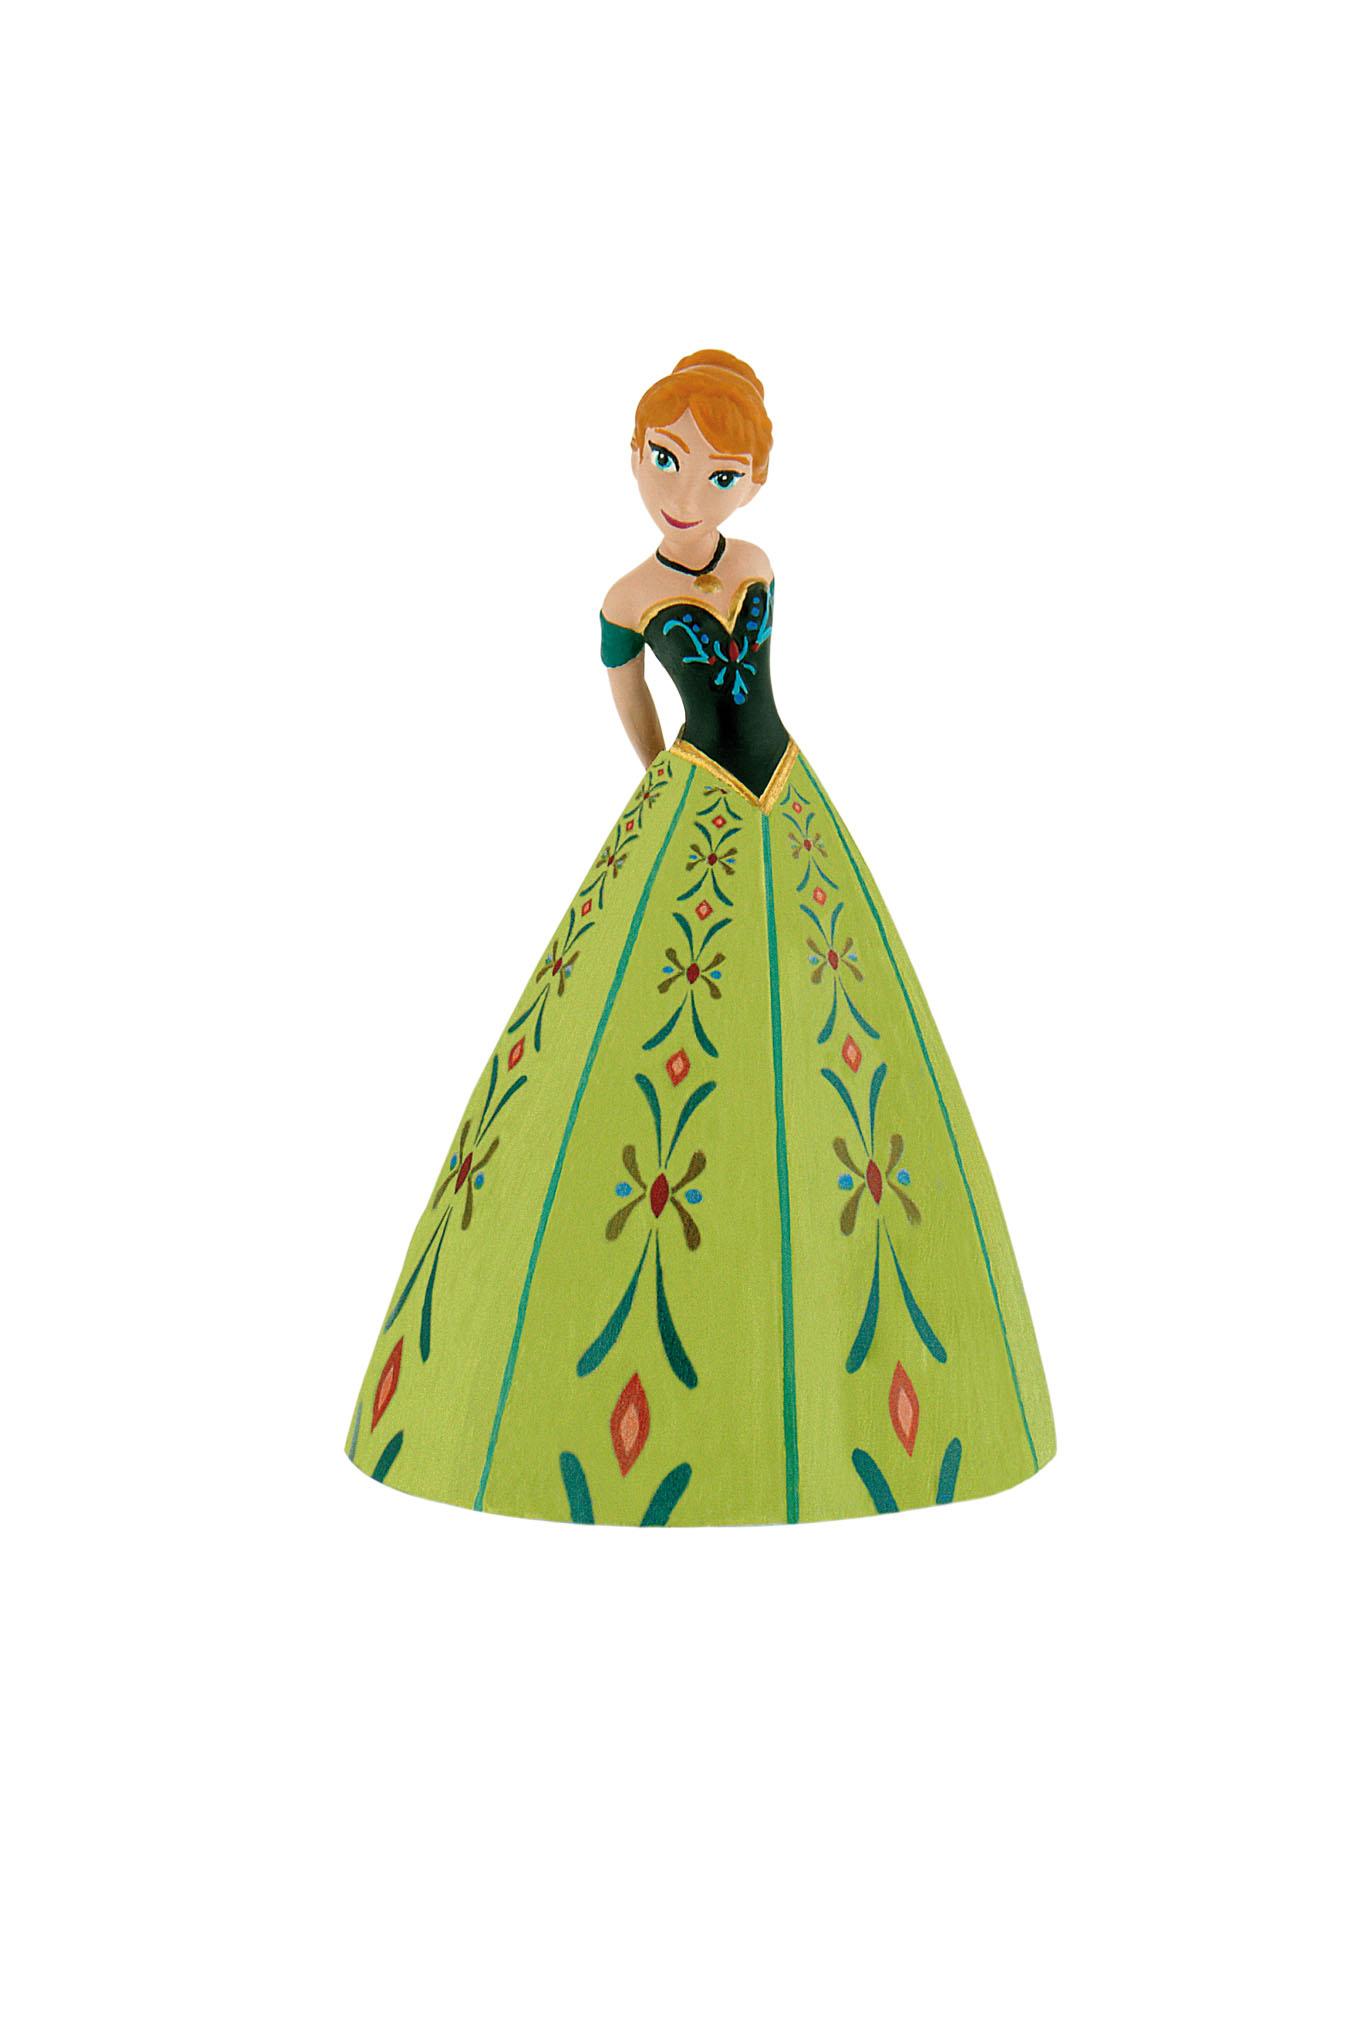 Figurine La Reine Des Neiges Disney - Anna robe verte - 12 cm